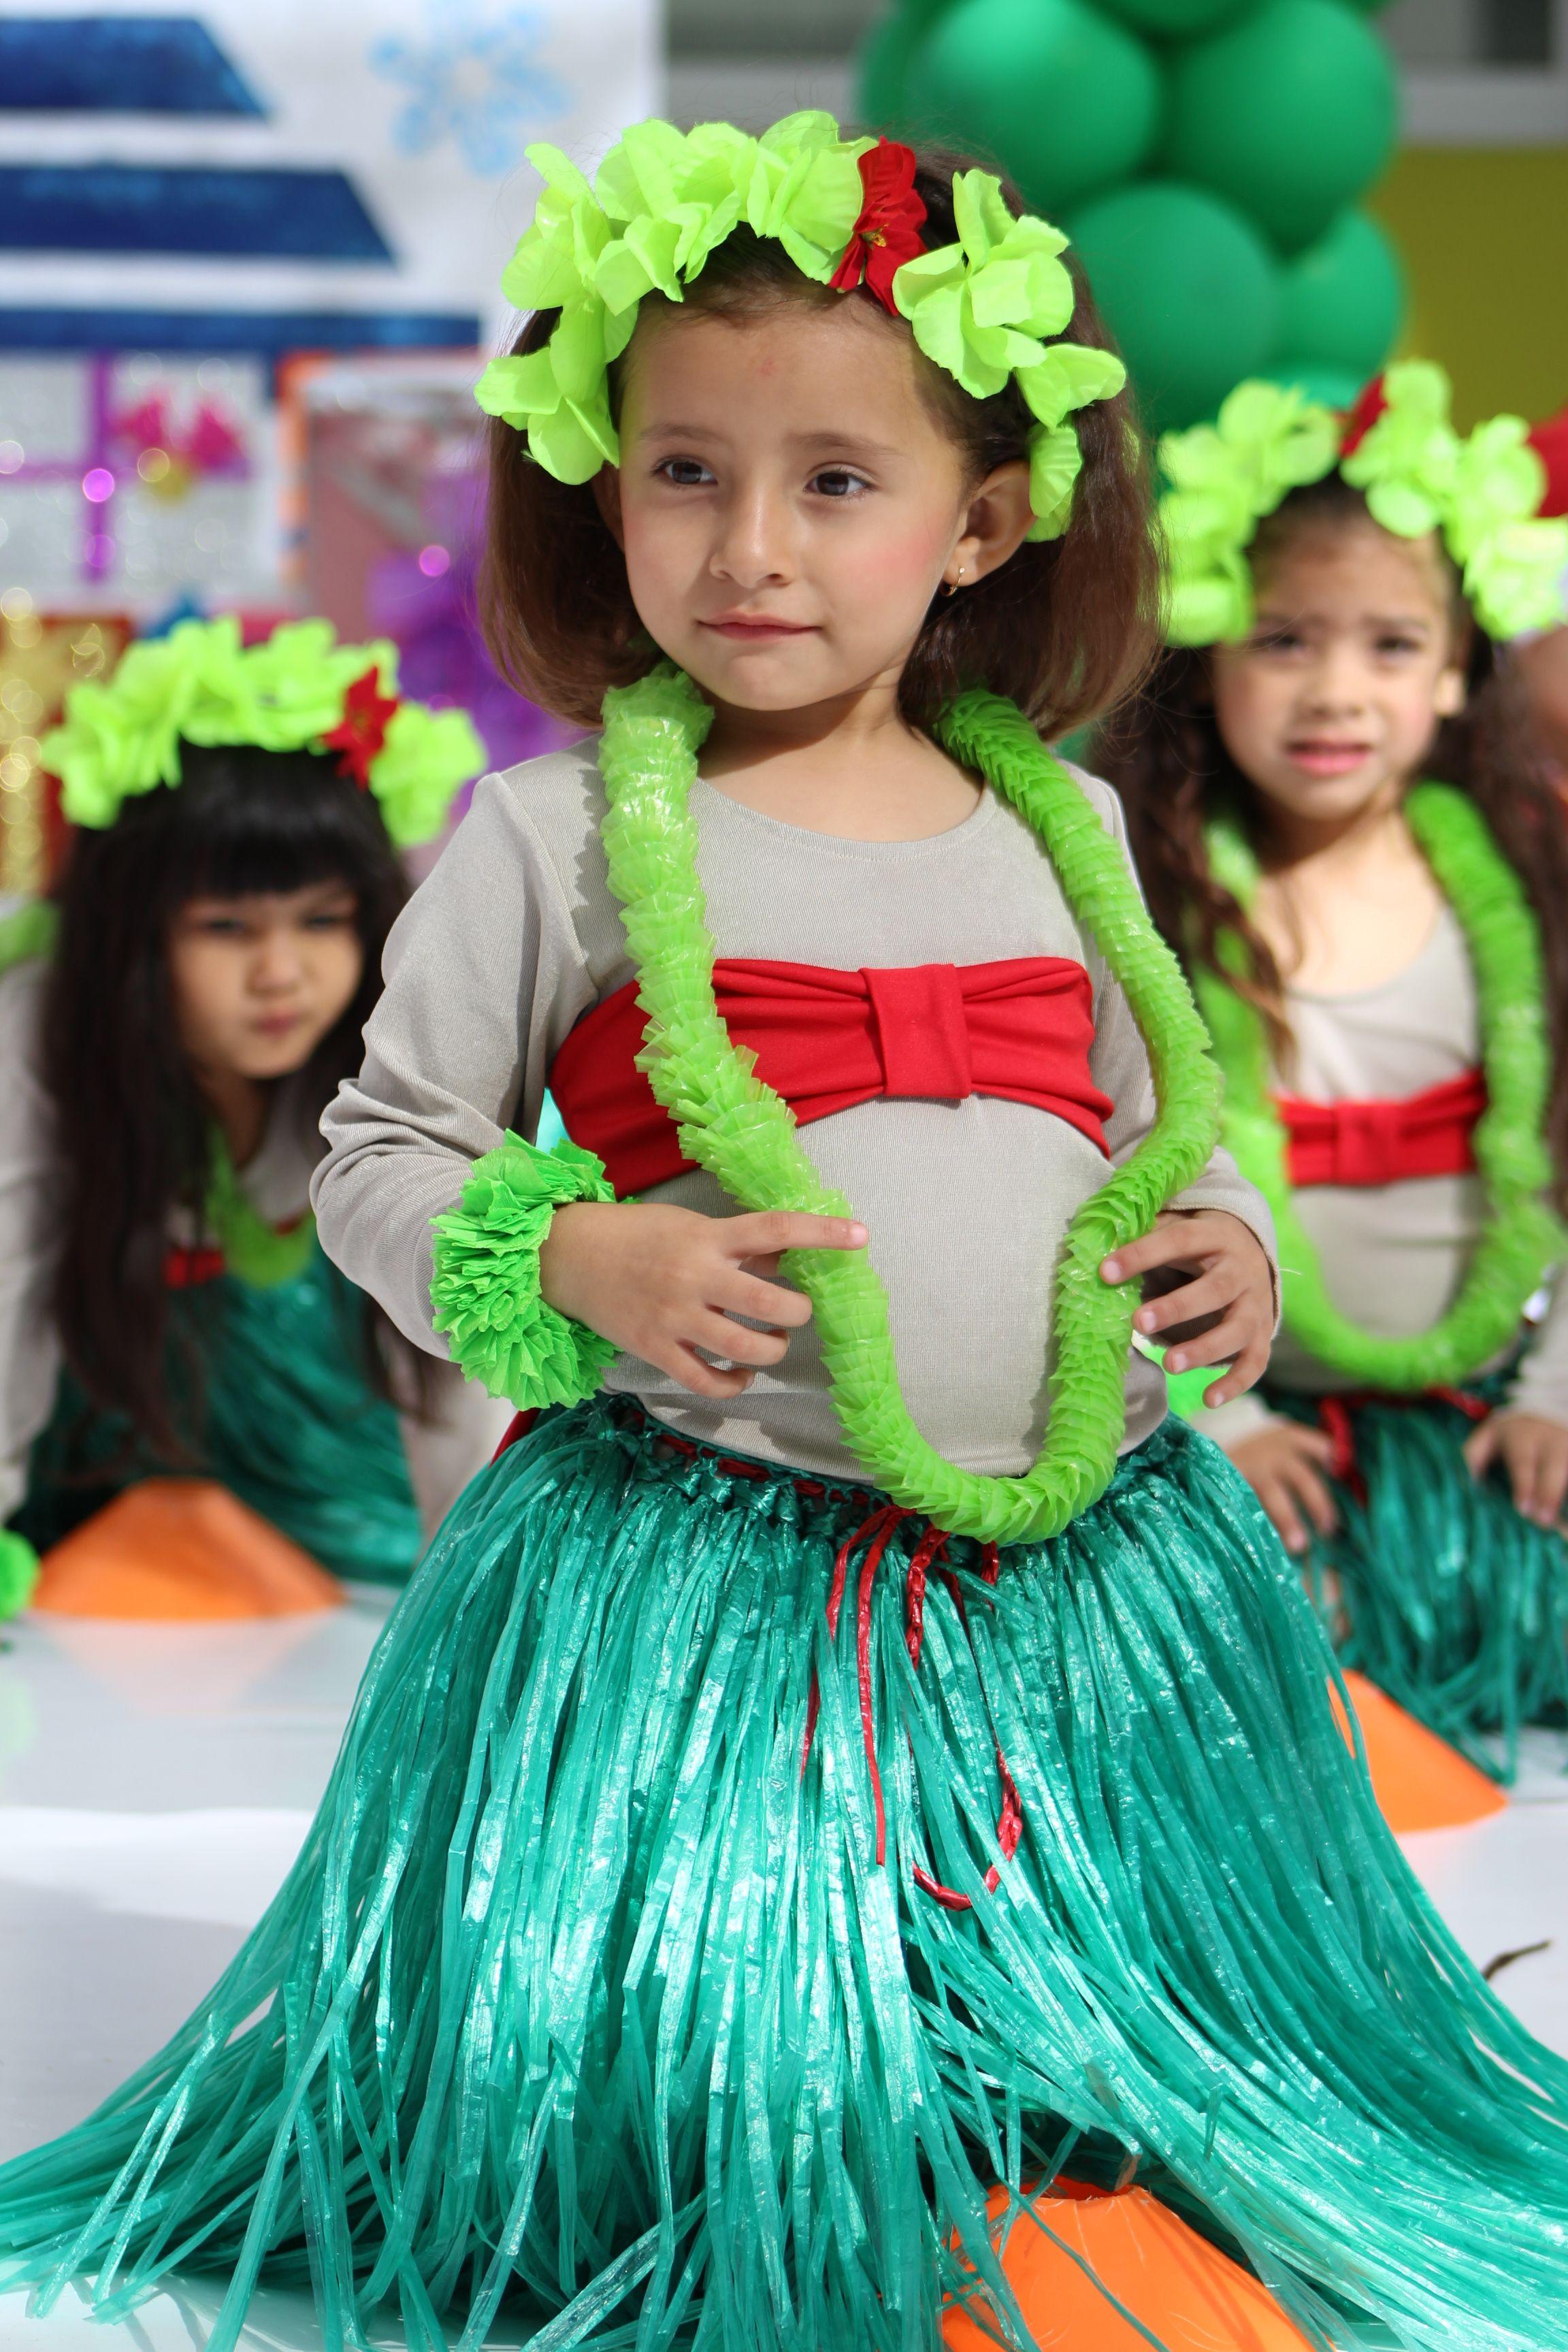 M s de 25 ideas incre bles sobre disfraz hawaiana en - Fiesta de disfraces ideas ...